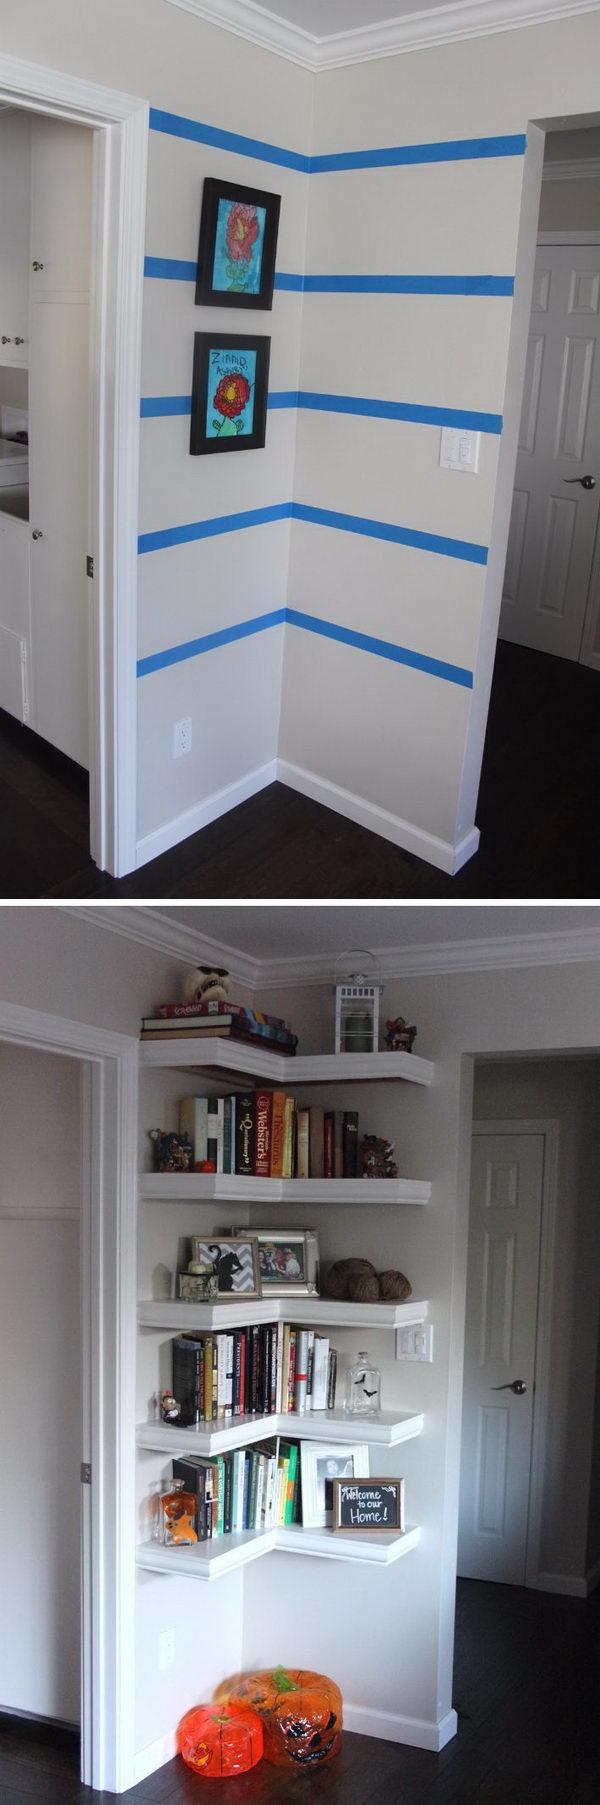 Install Shelving in the between Doors Corner.